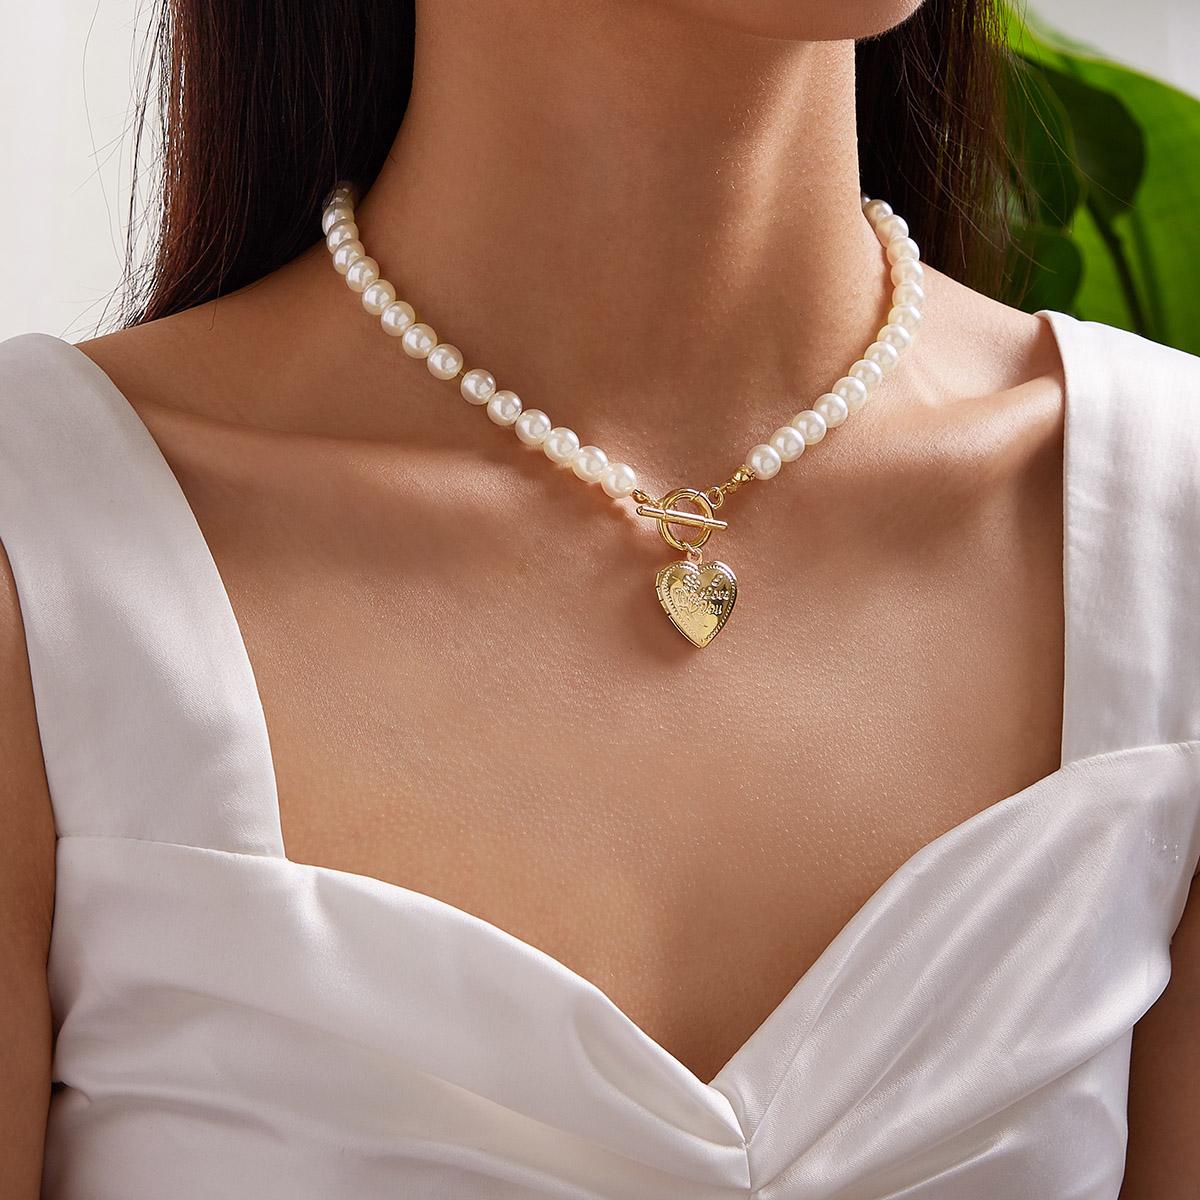 1c Сердце Ожерелье с подвеской из искусственного жемчуга